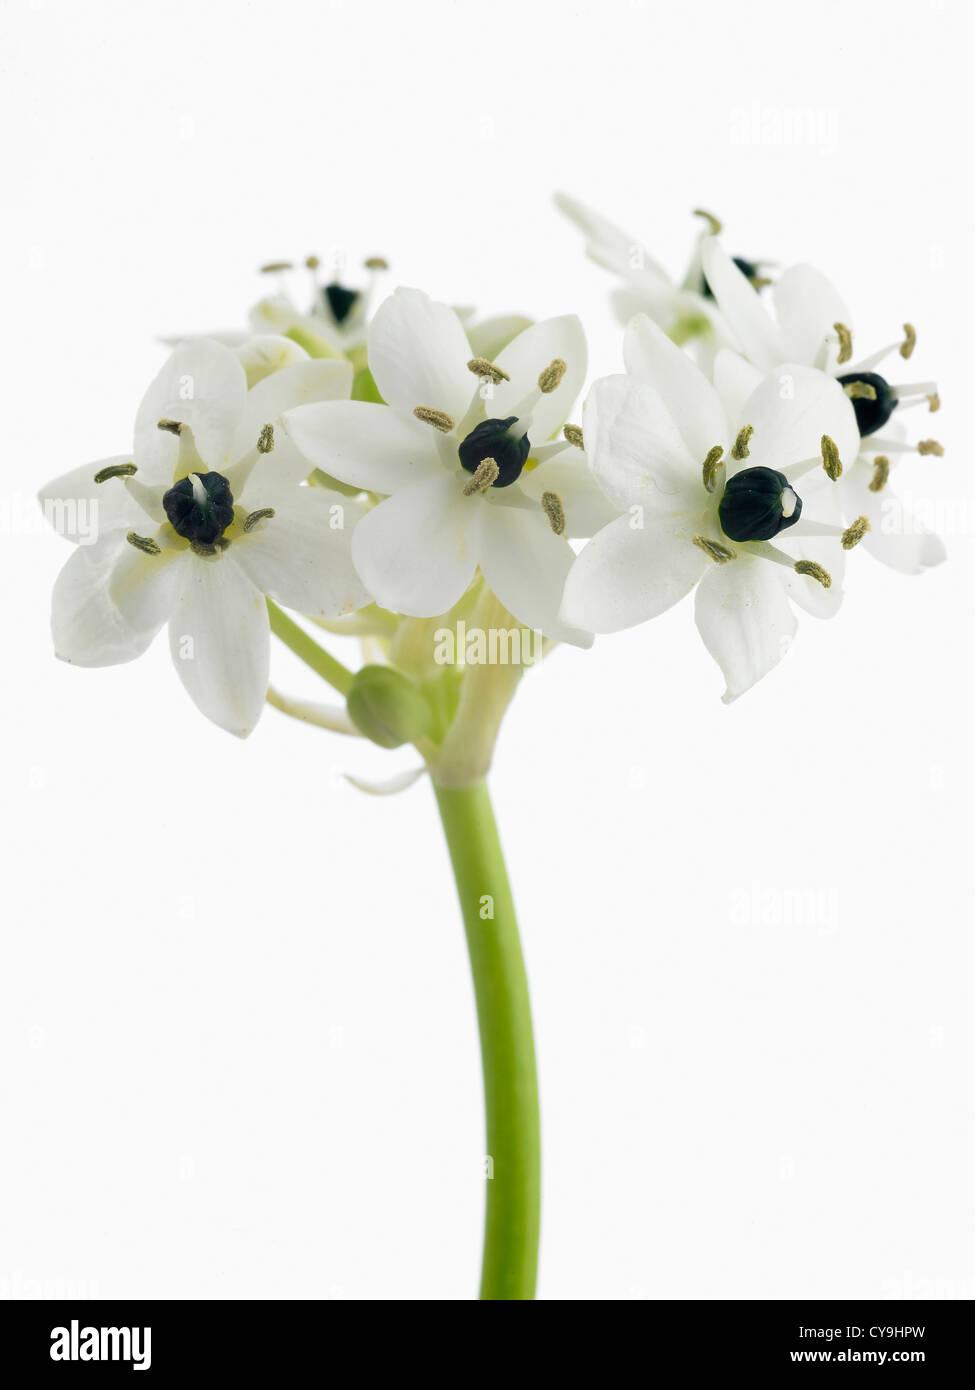 Ornithogalum arabicum star of bethlehem white flowers on single ornithogalum arabicum star of bethlehem white flowers on single stem against a white background mightylinksfo